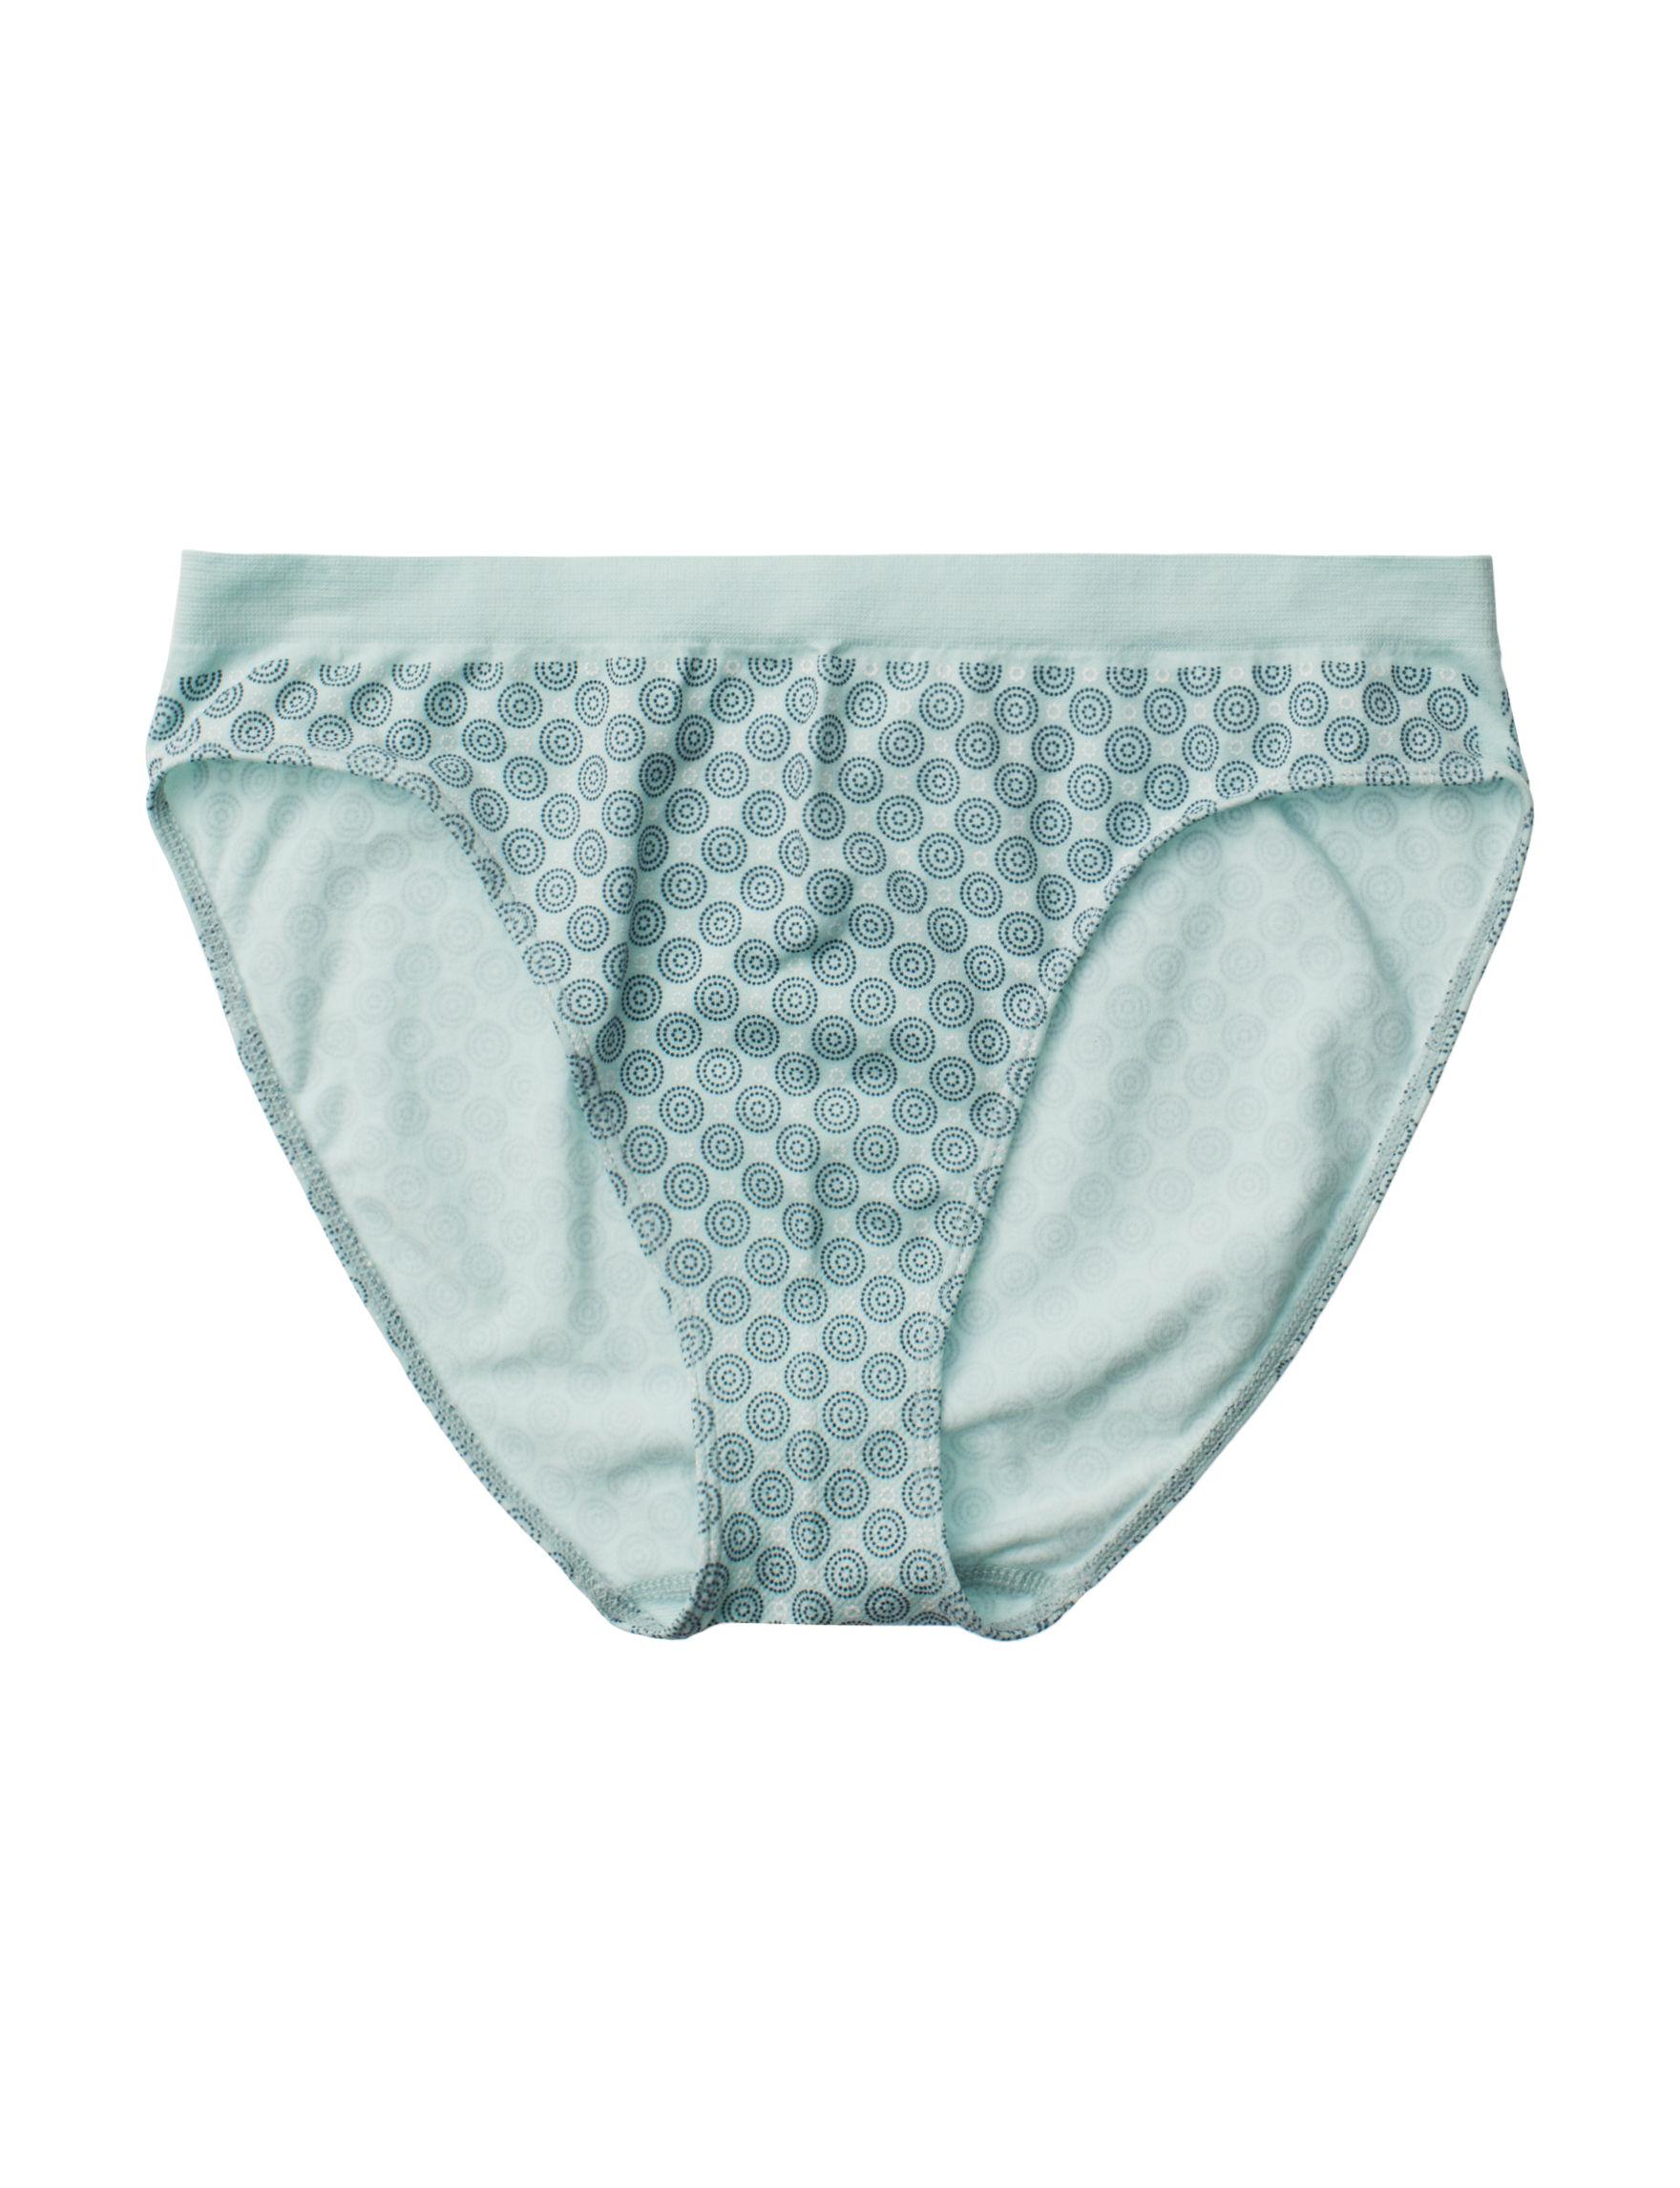 Rene Rofe Mint Panties High Cut